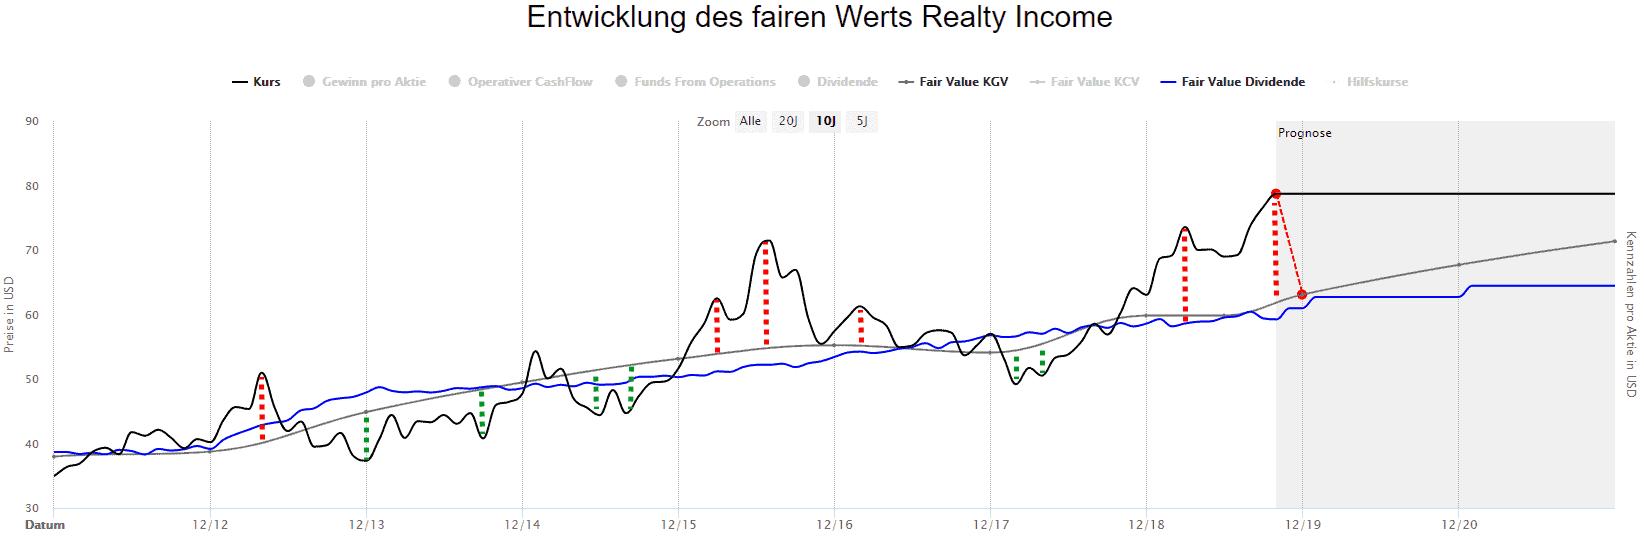 Über- und Unterbewertung der Realty Income Aktie im Zeitverlauf